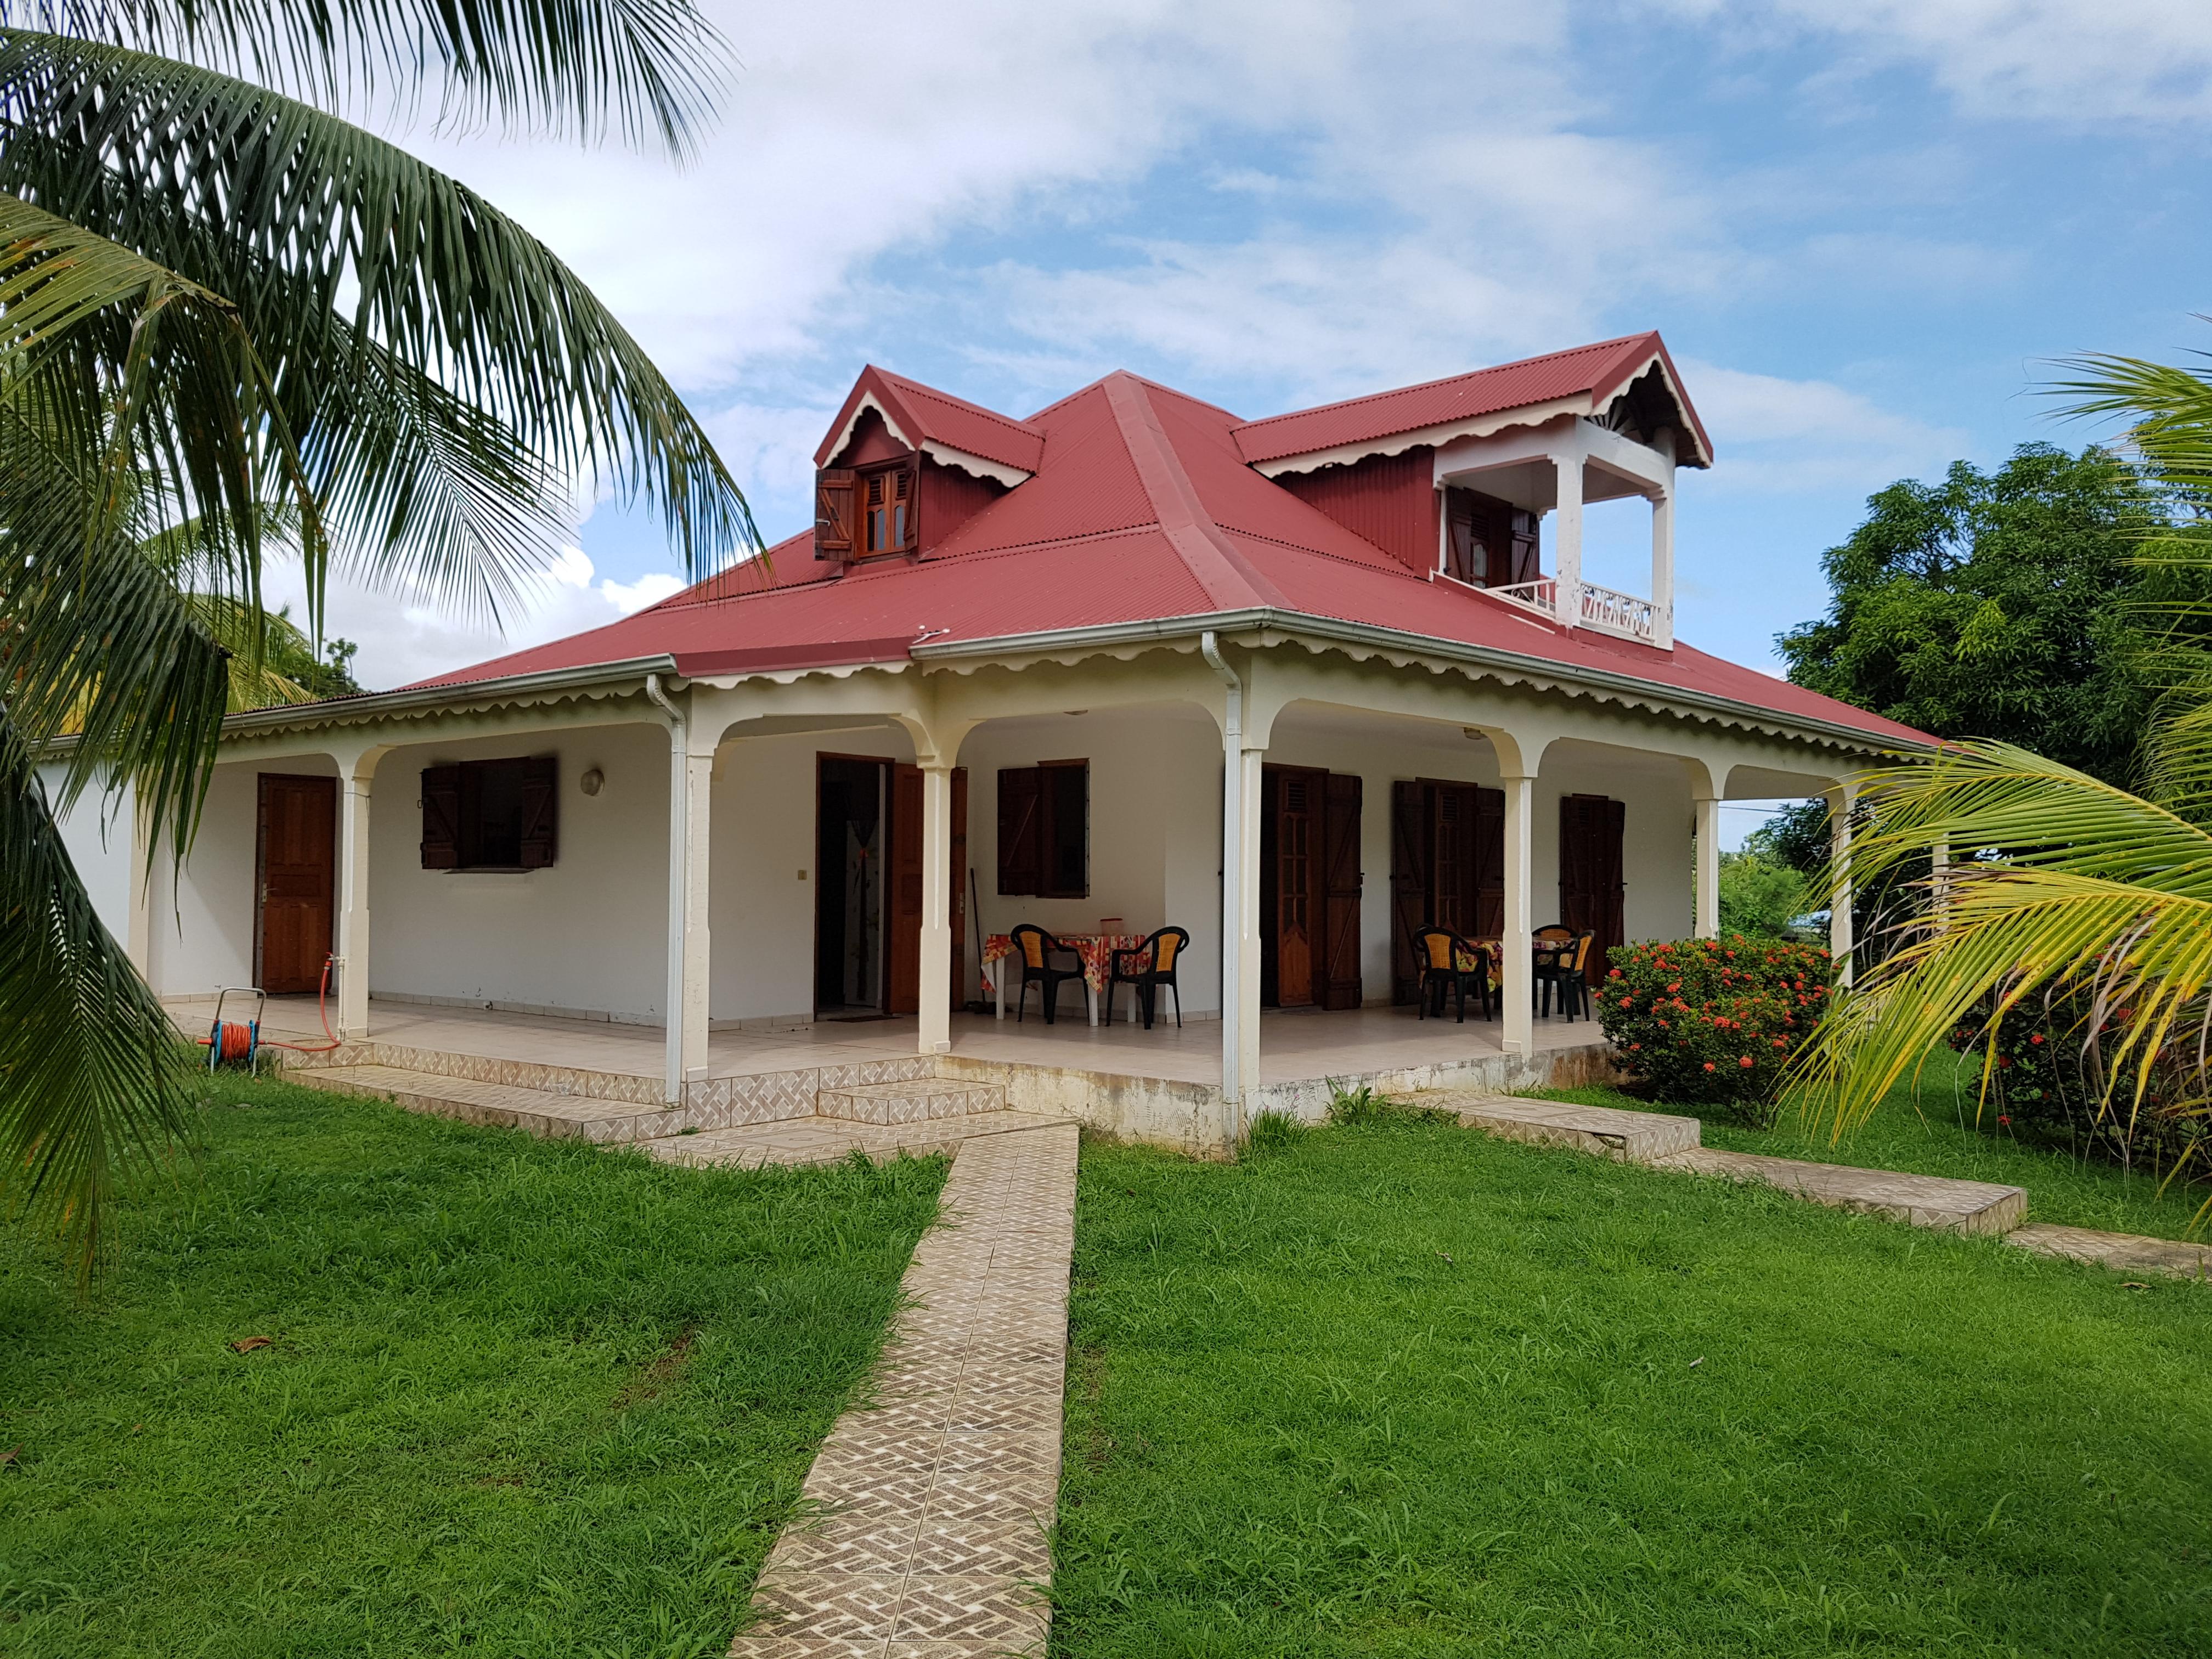 Achat maison capesterre belle eau 97130 guadeloupe basse for Achat maison sud